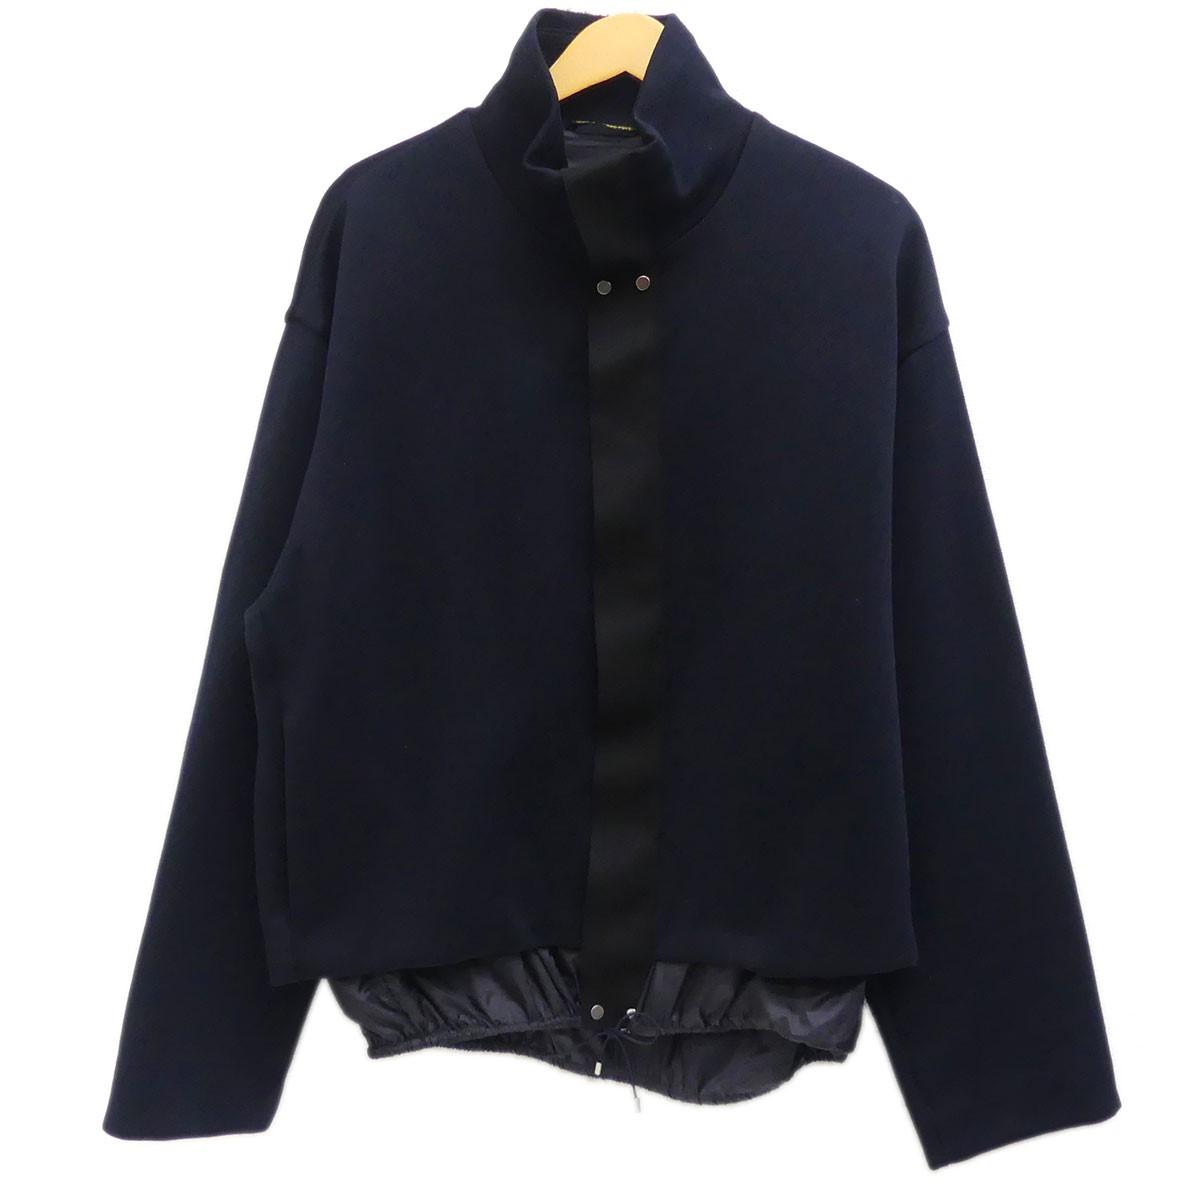 【11月18日 お値段見直しました】【中古】OAMC (OVER ALL MASTER CLOTH)スウェットジャケット 2018AW ネイビー サイズ:S